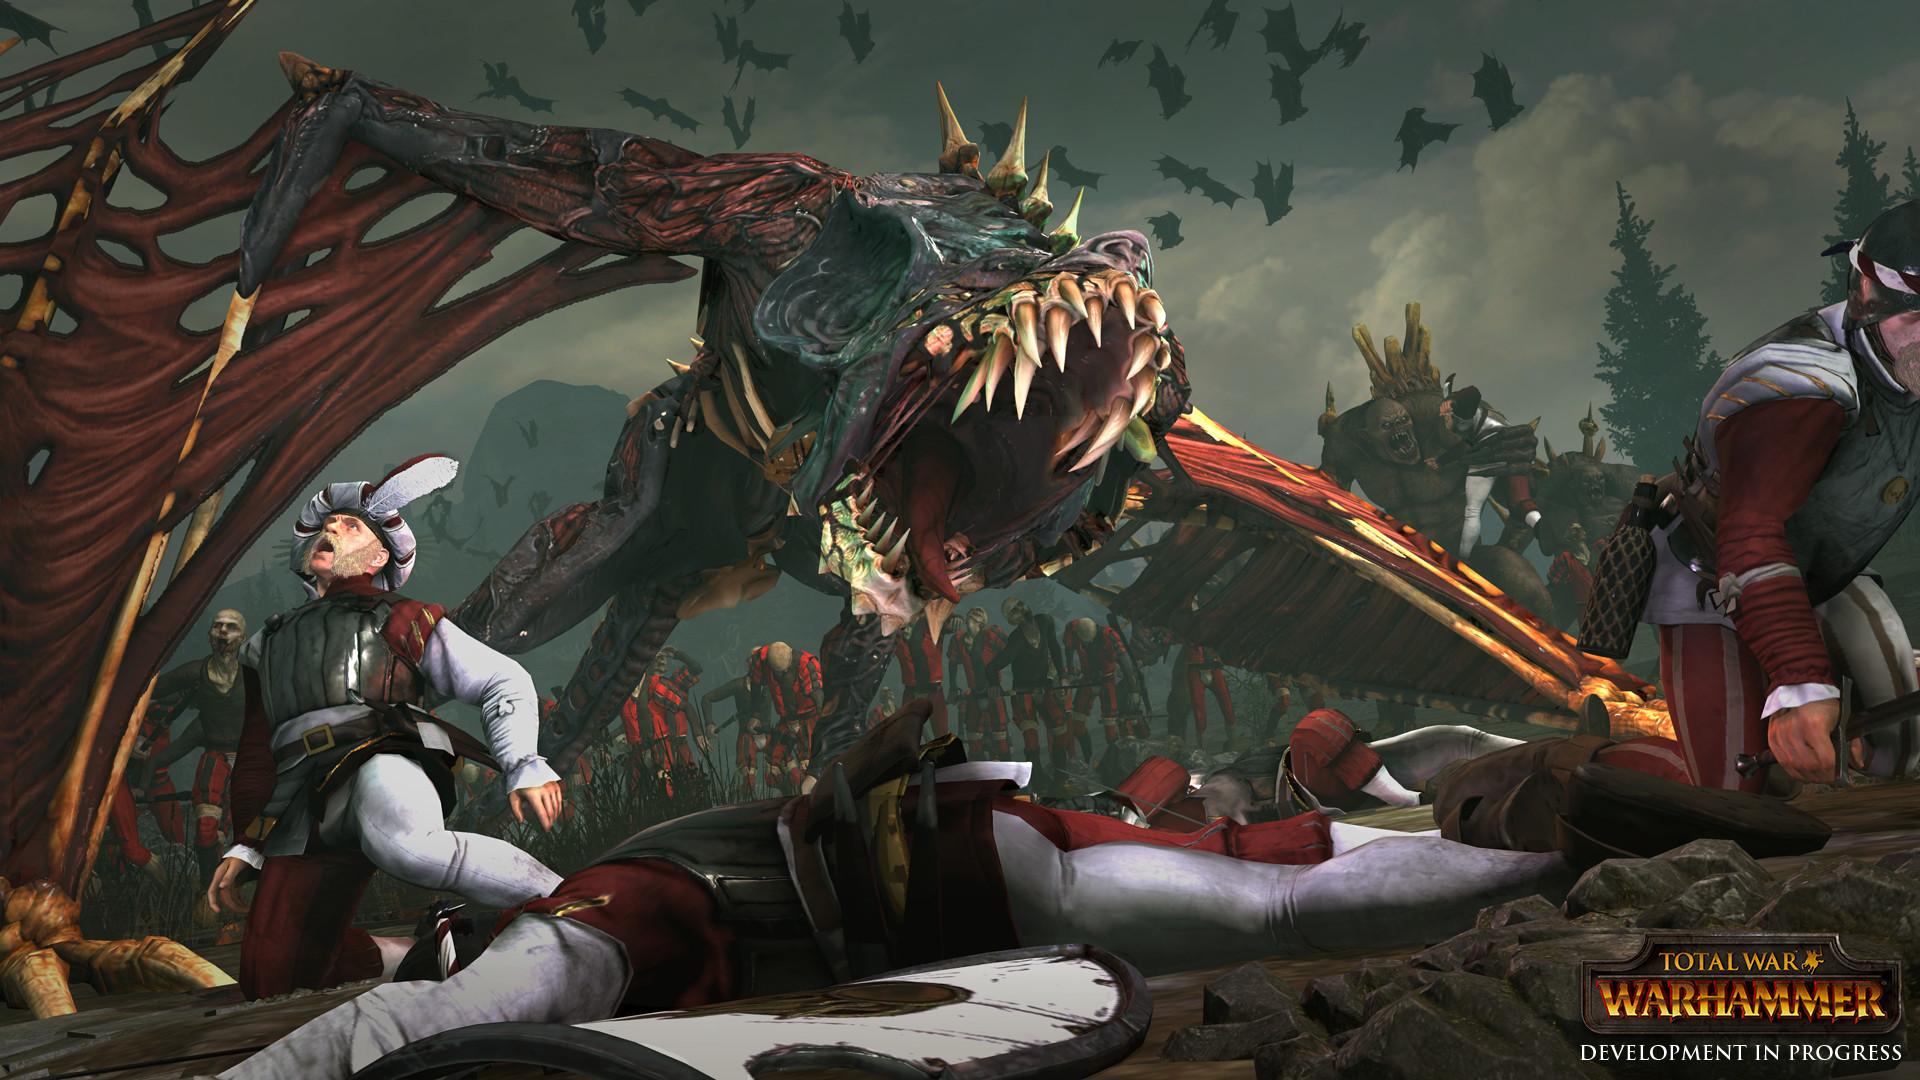 Скачать total war: warhammer ii торрент бесплатно от r. G. Механики.